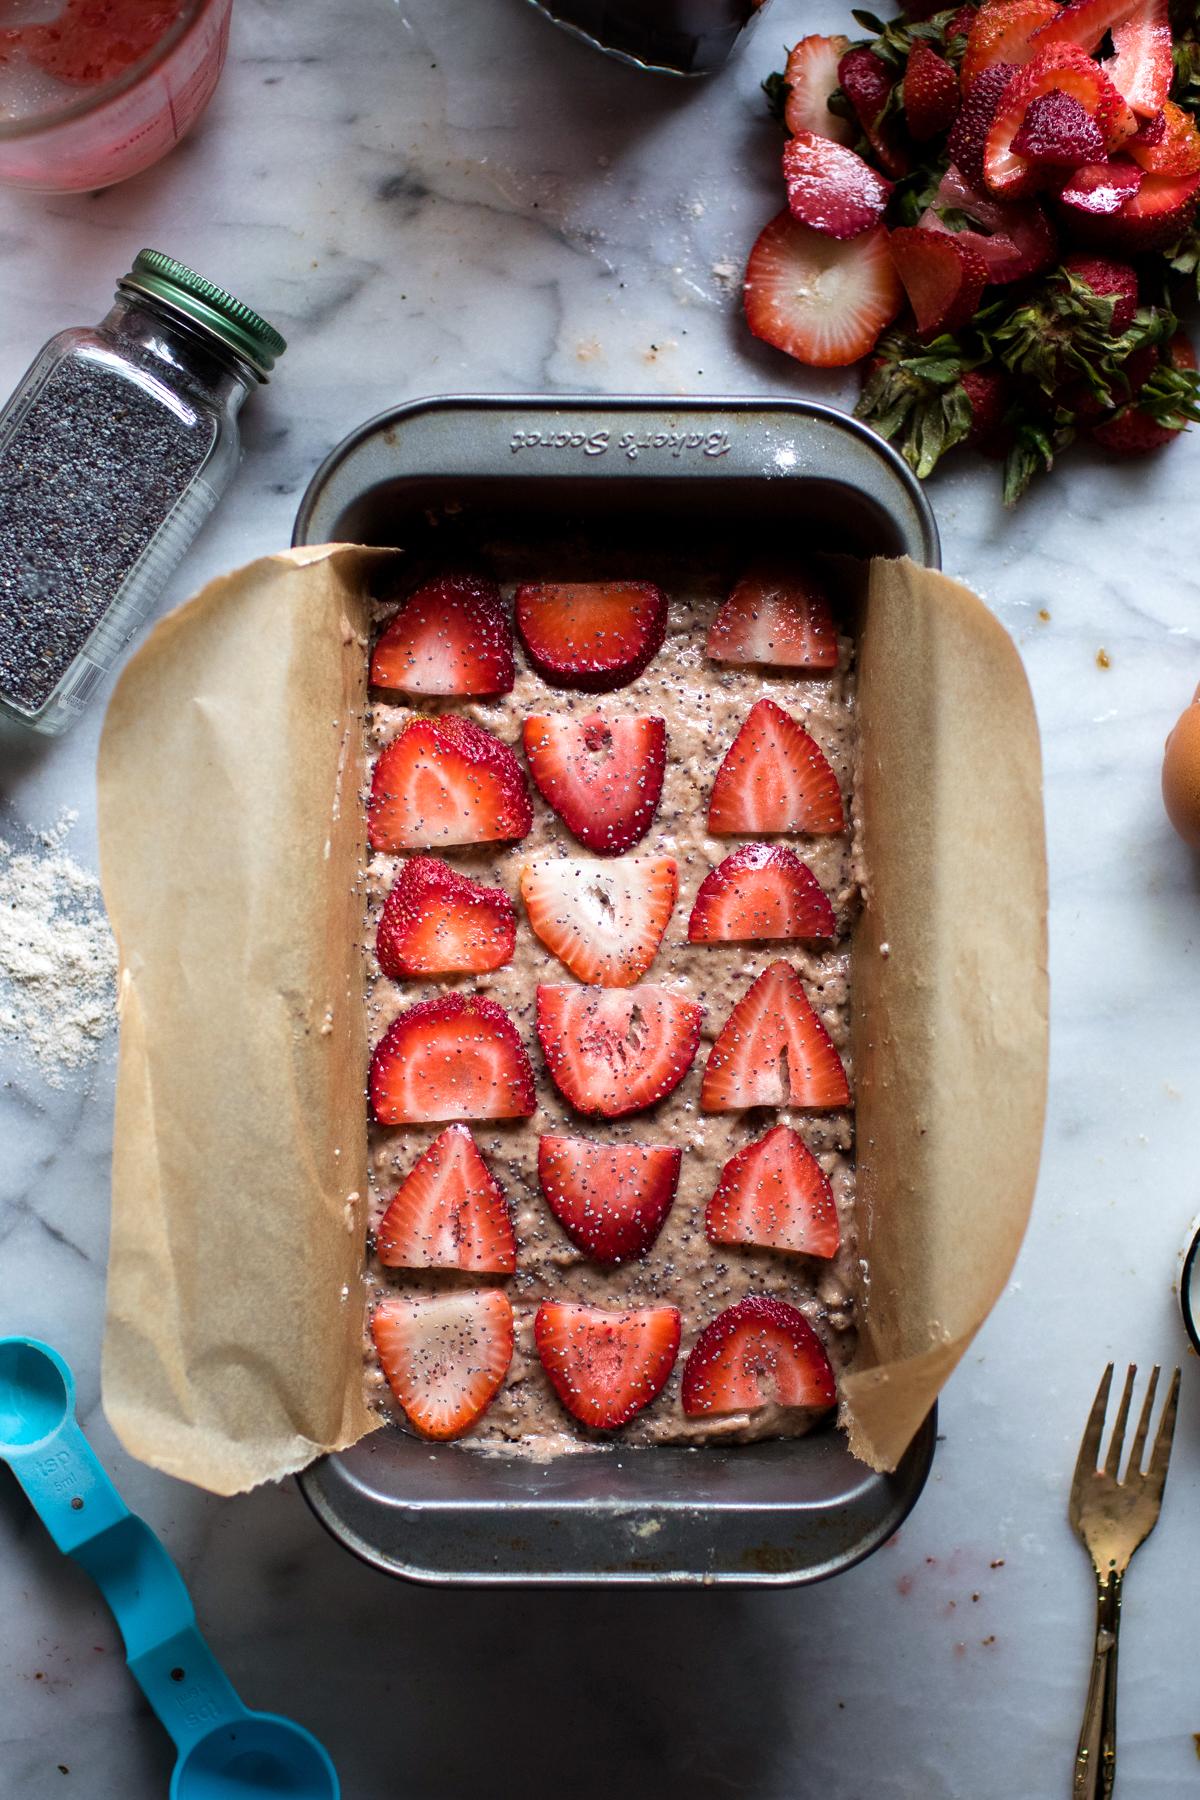 StrawberryBreadSMedited (19 of 55)